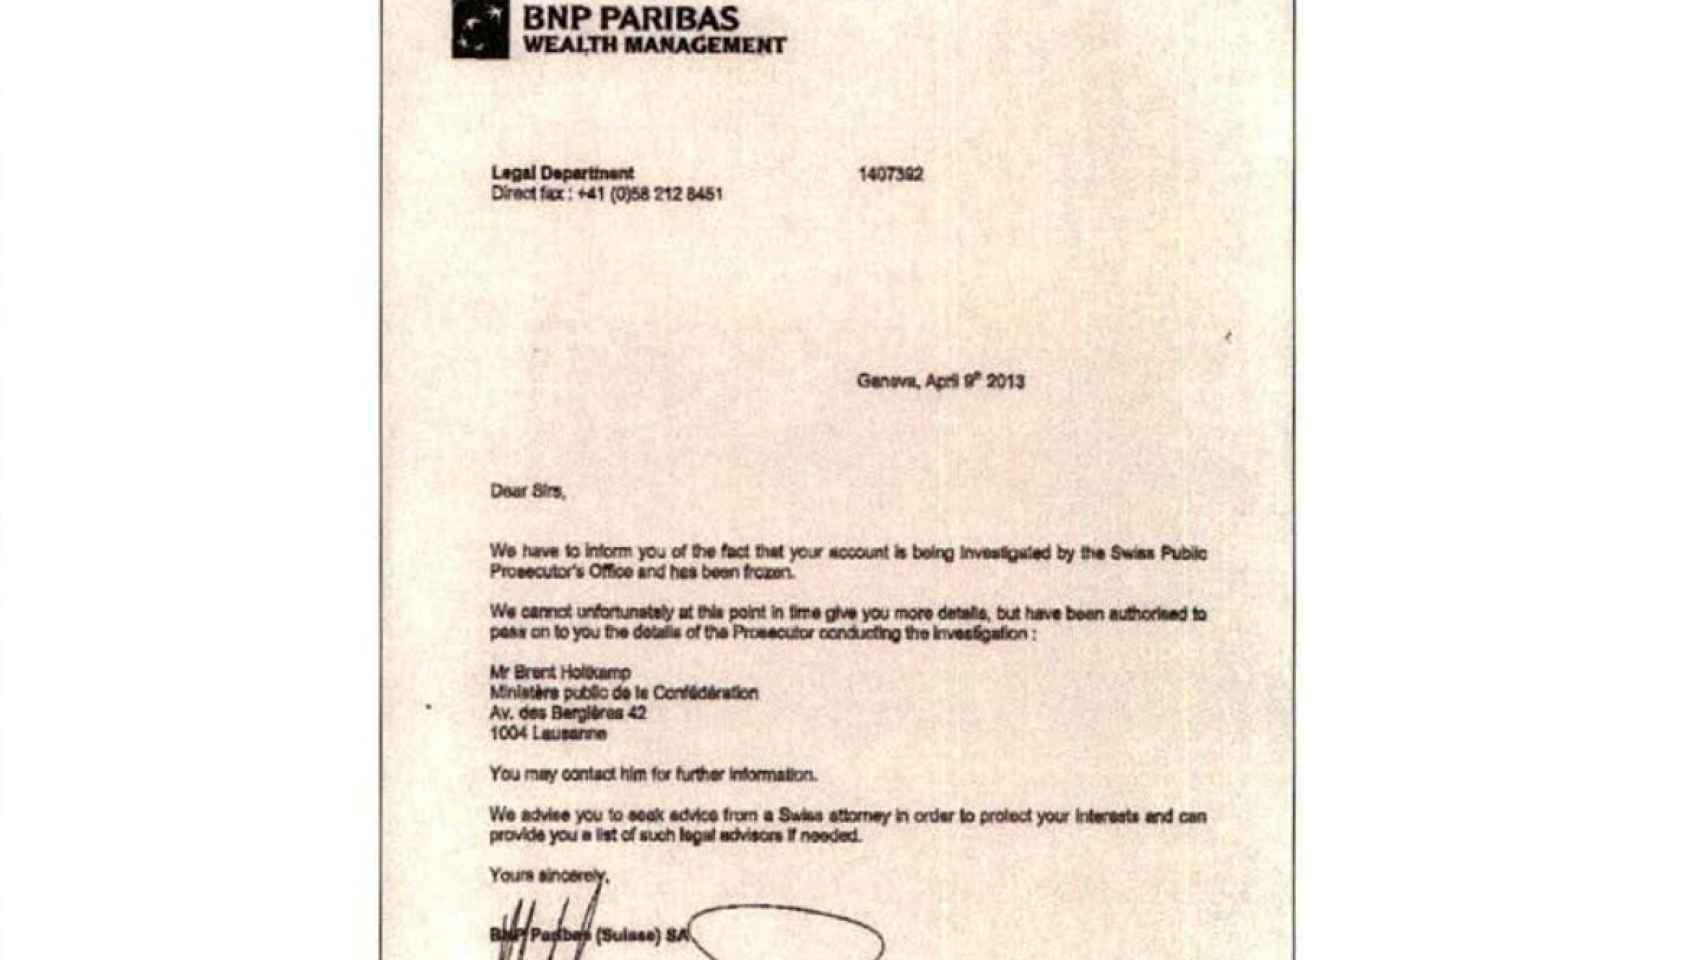 Carta enviada por el BNP a David Marjaliza.